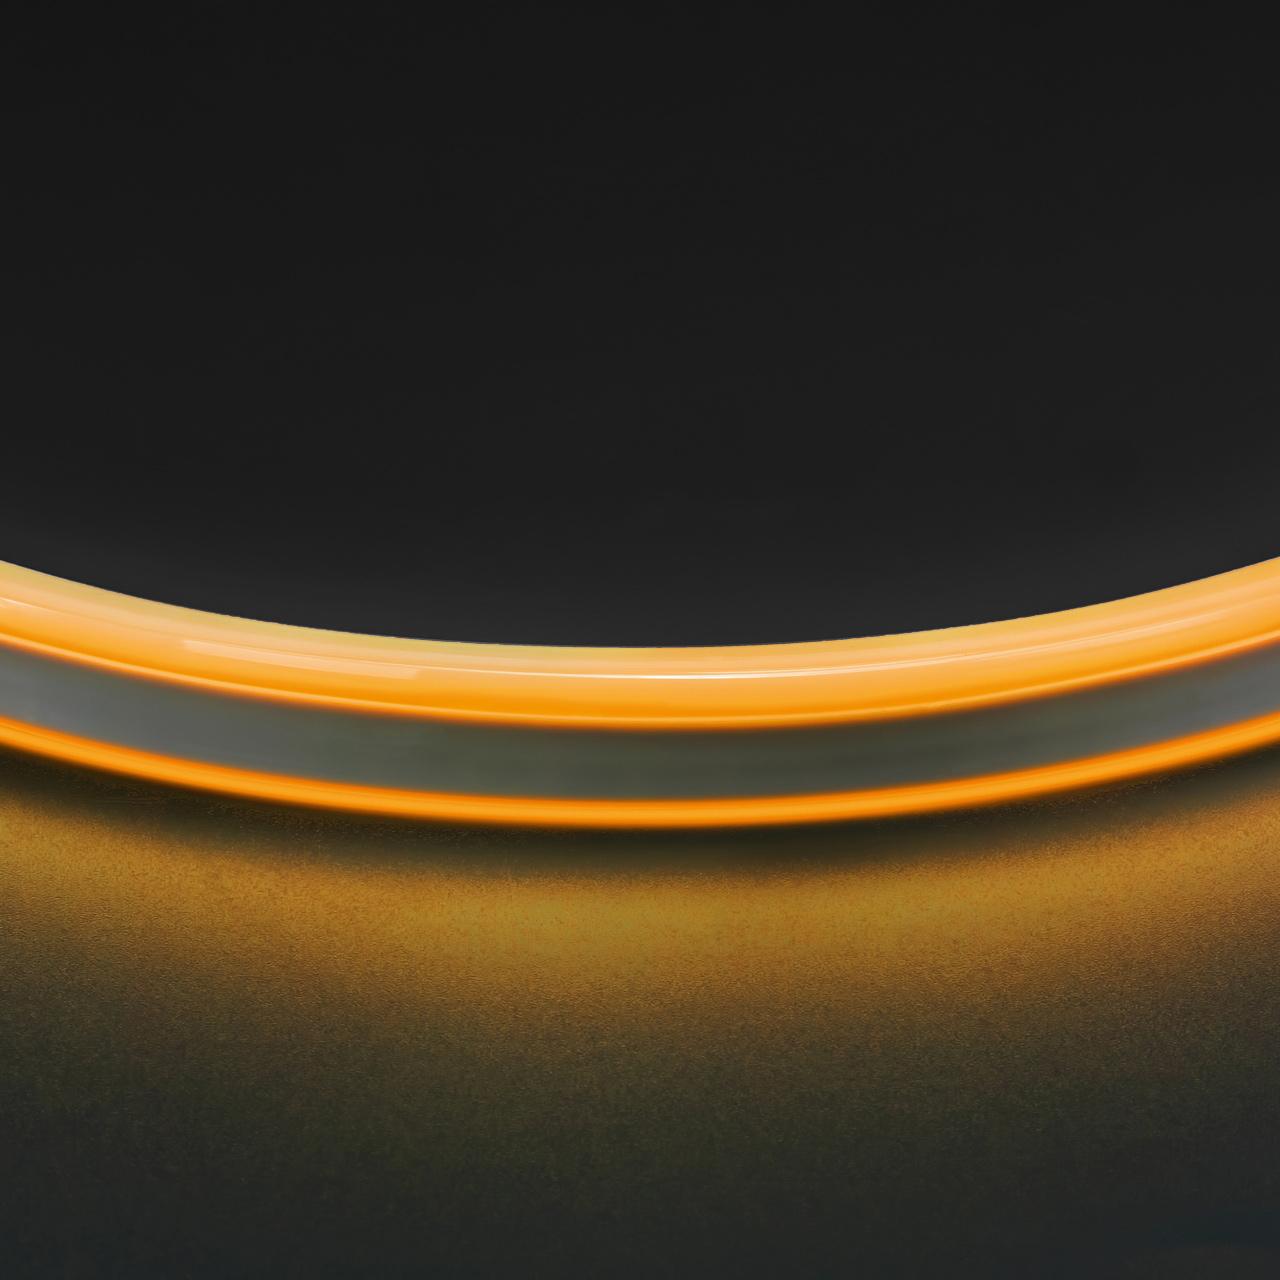 Лента гибкая неоновая NEOLED 220V 120 LED желтый цвет IP65 Lightstar 430106